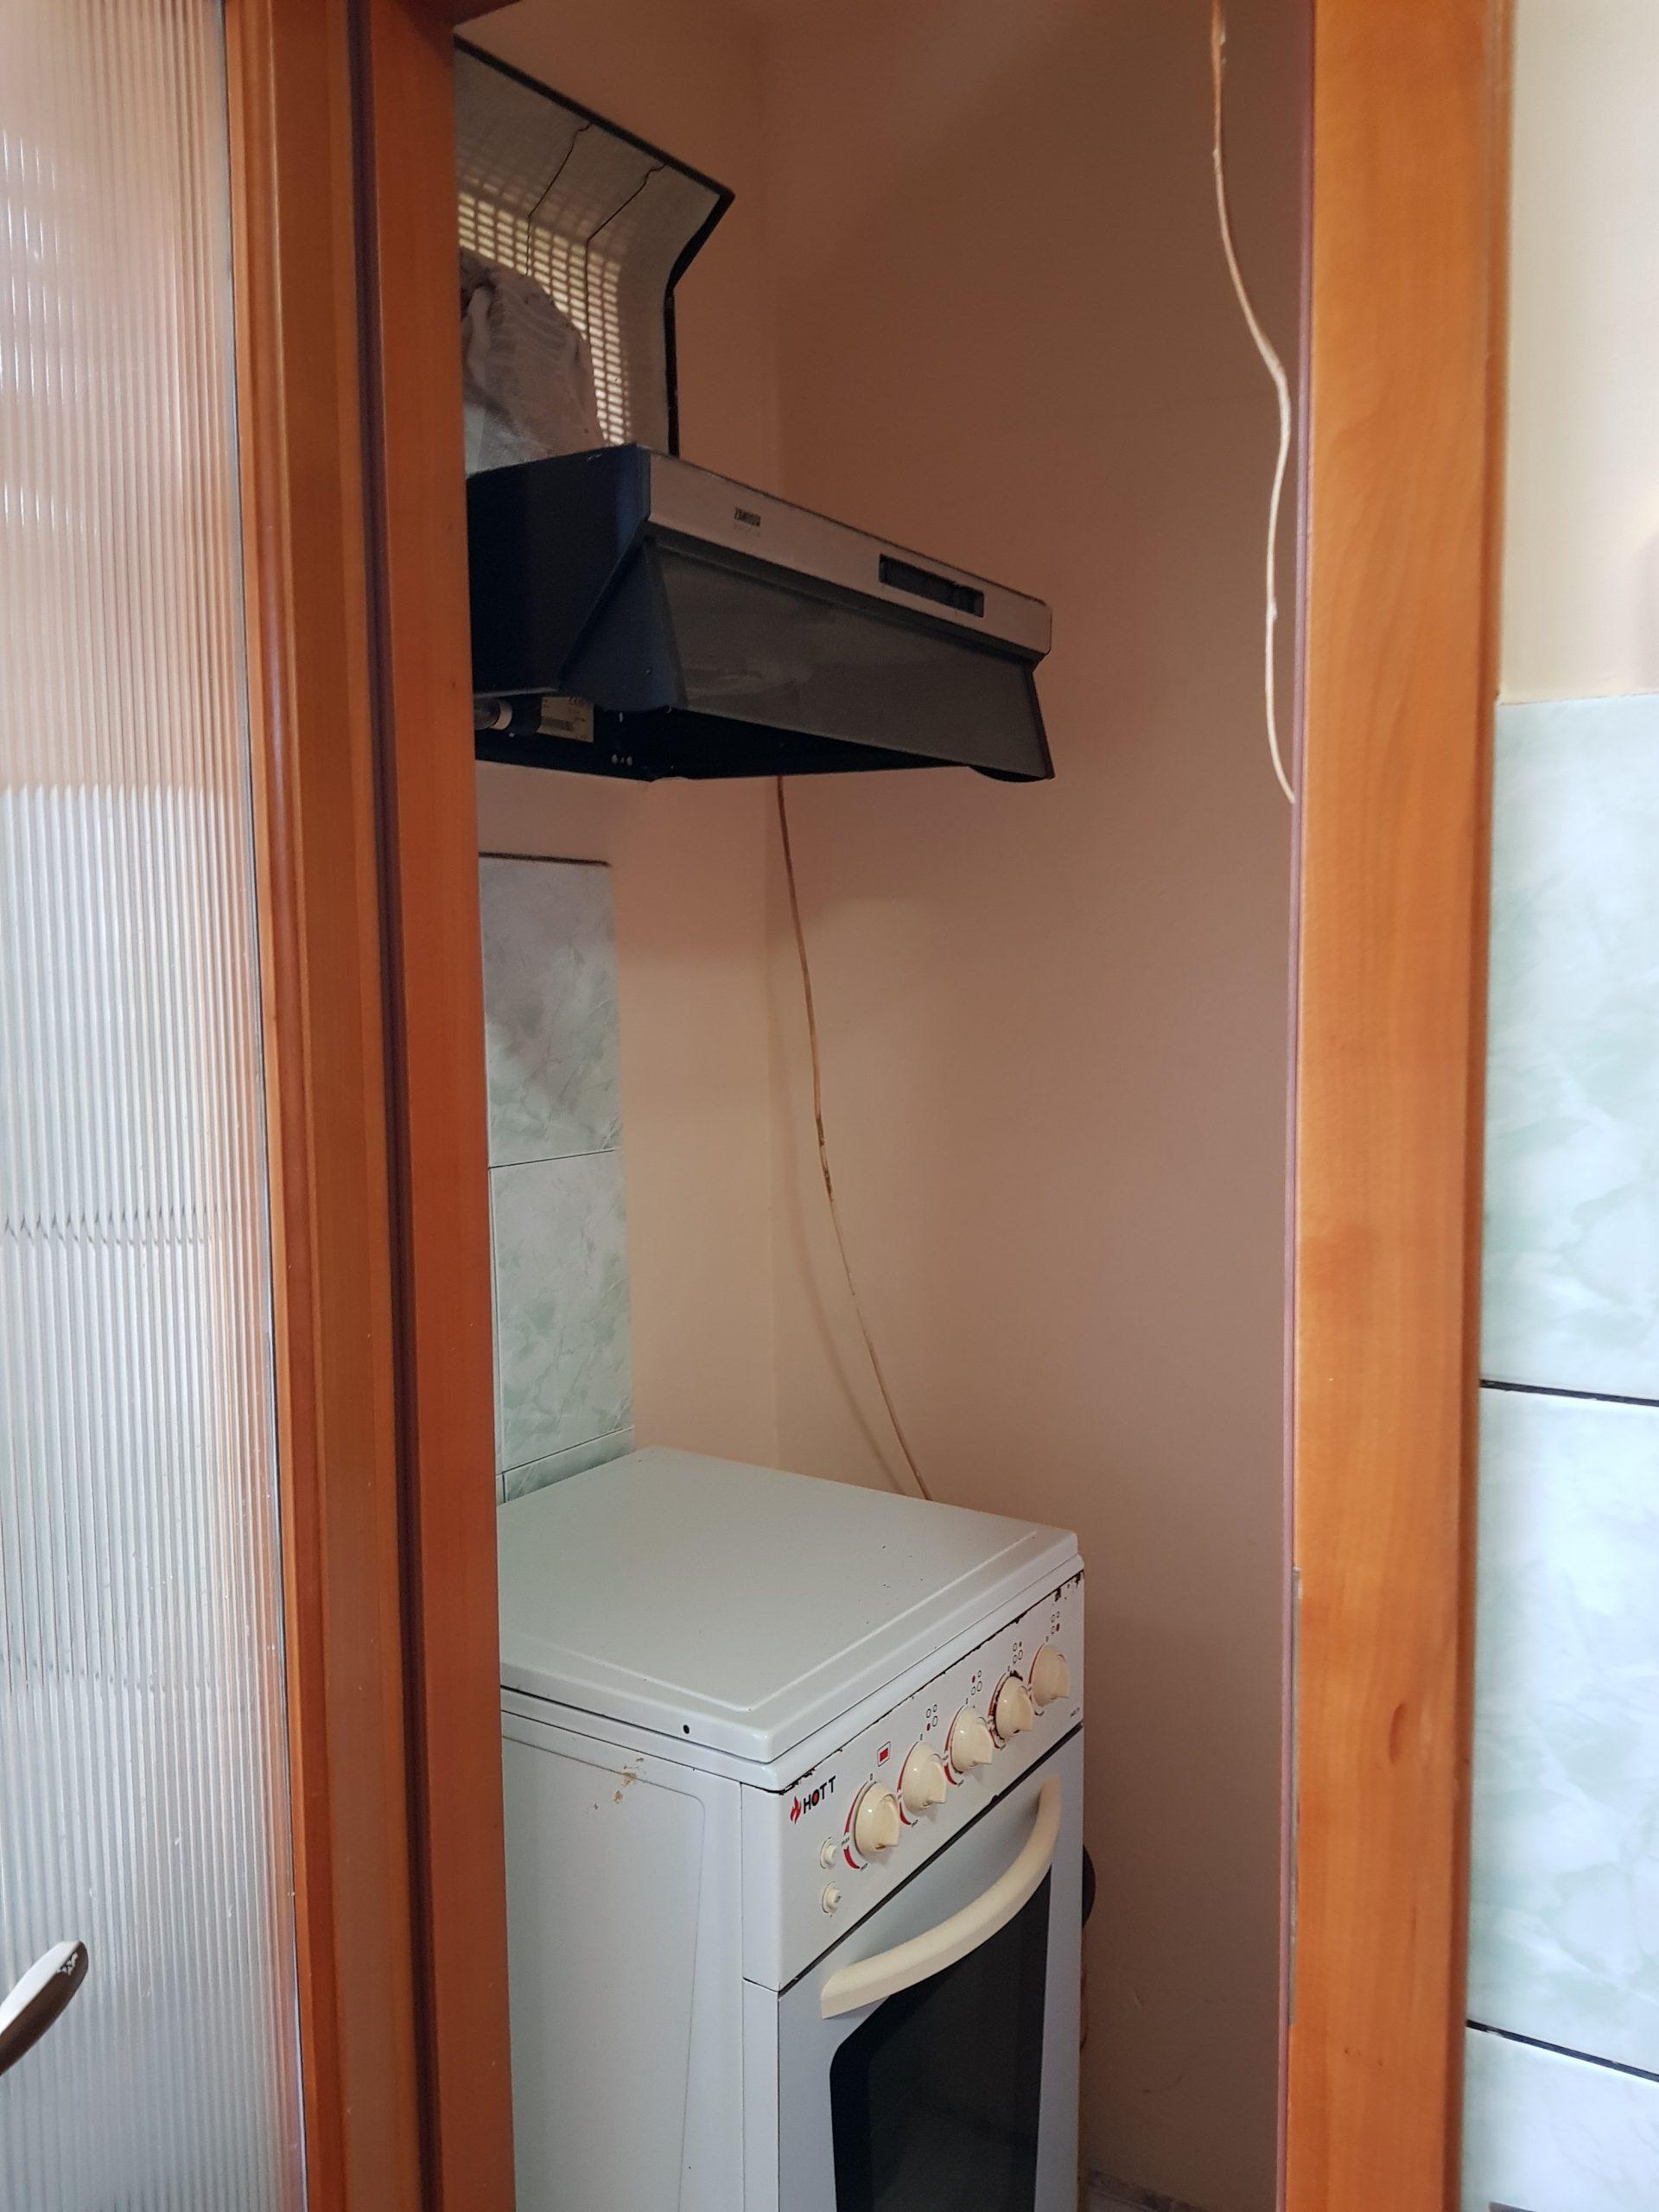 Vindem apartament cu 2 camere tip AN in zona Iosia